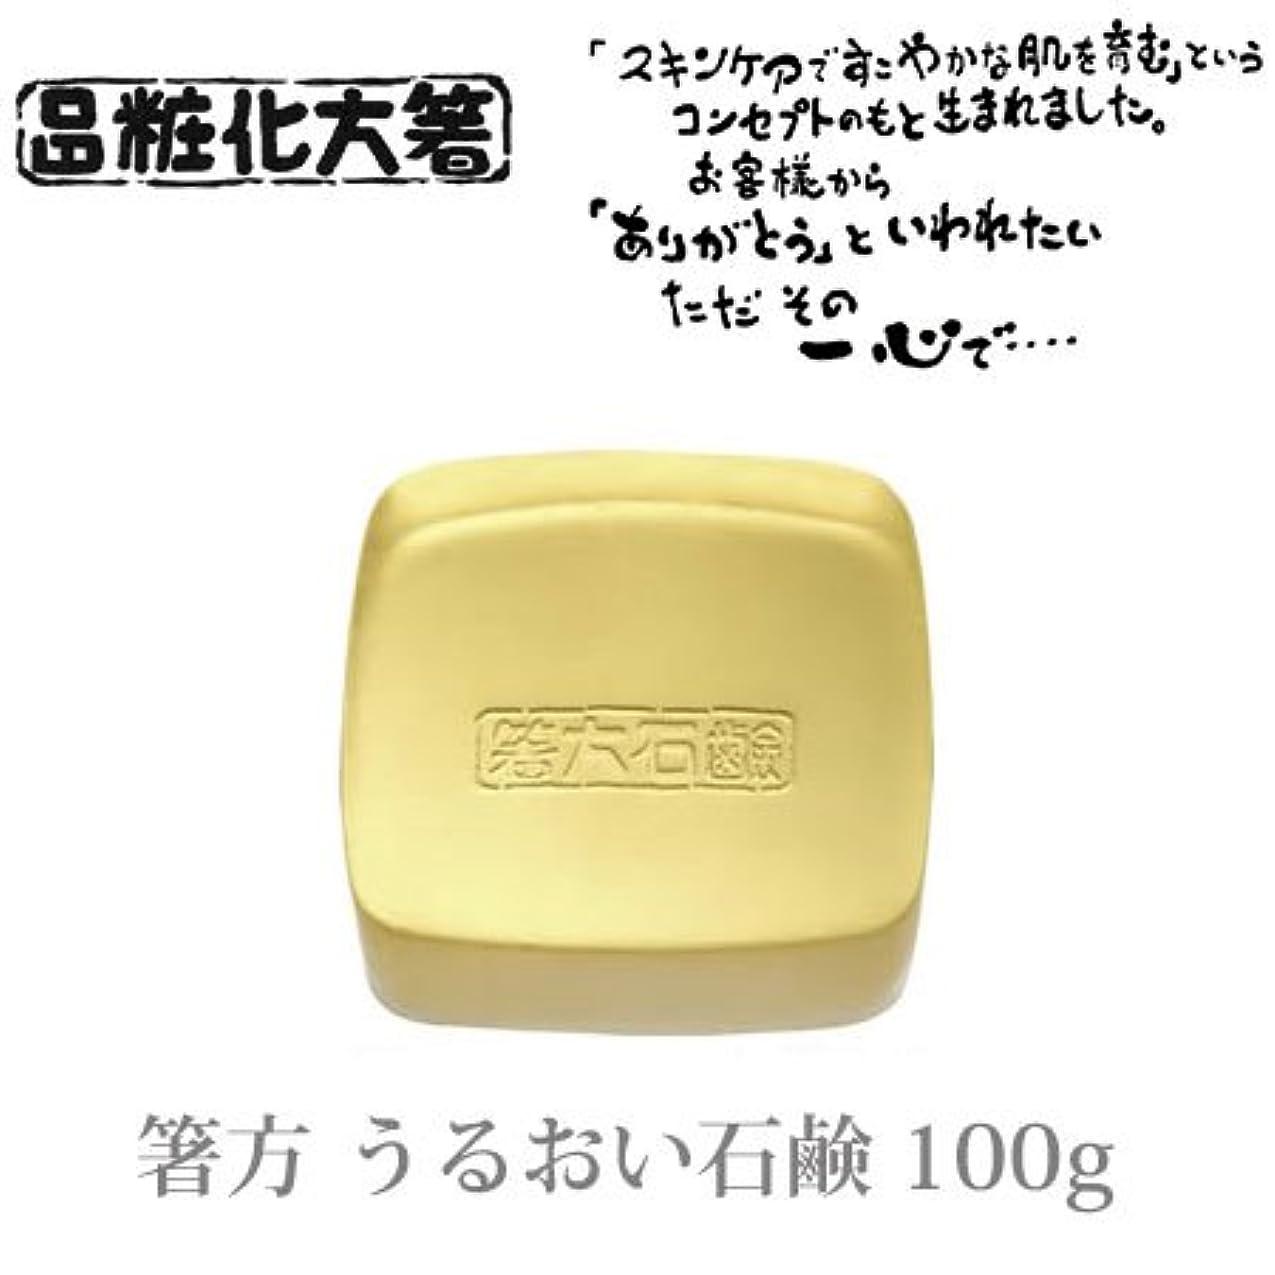 驚わずかに事件、出来事箸方化粧品 うるおい石鹸 100g はしかた化粧品